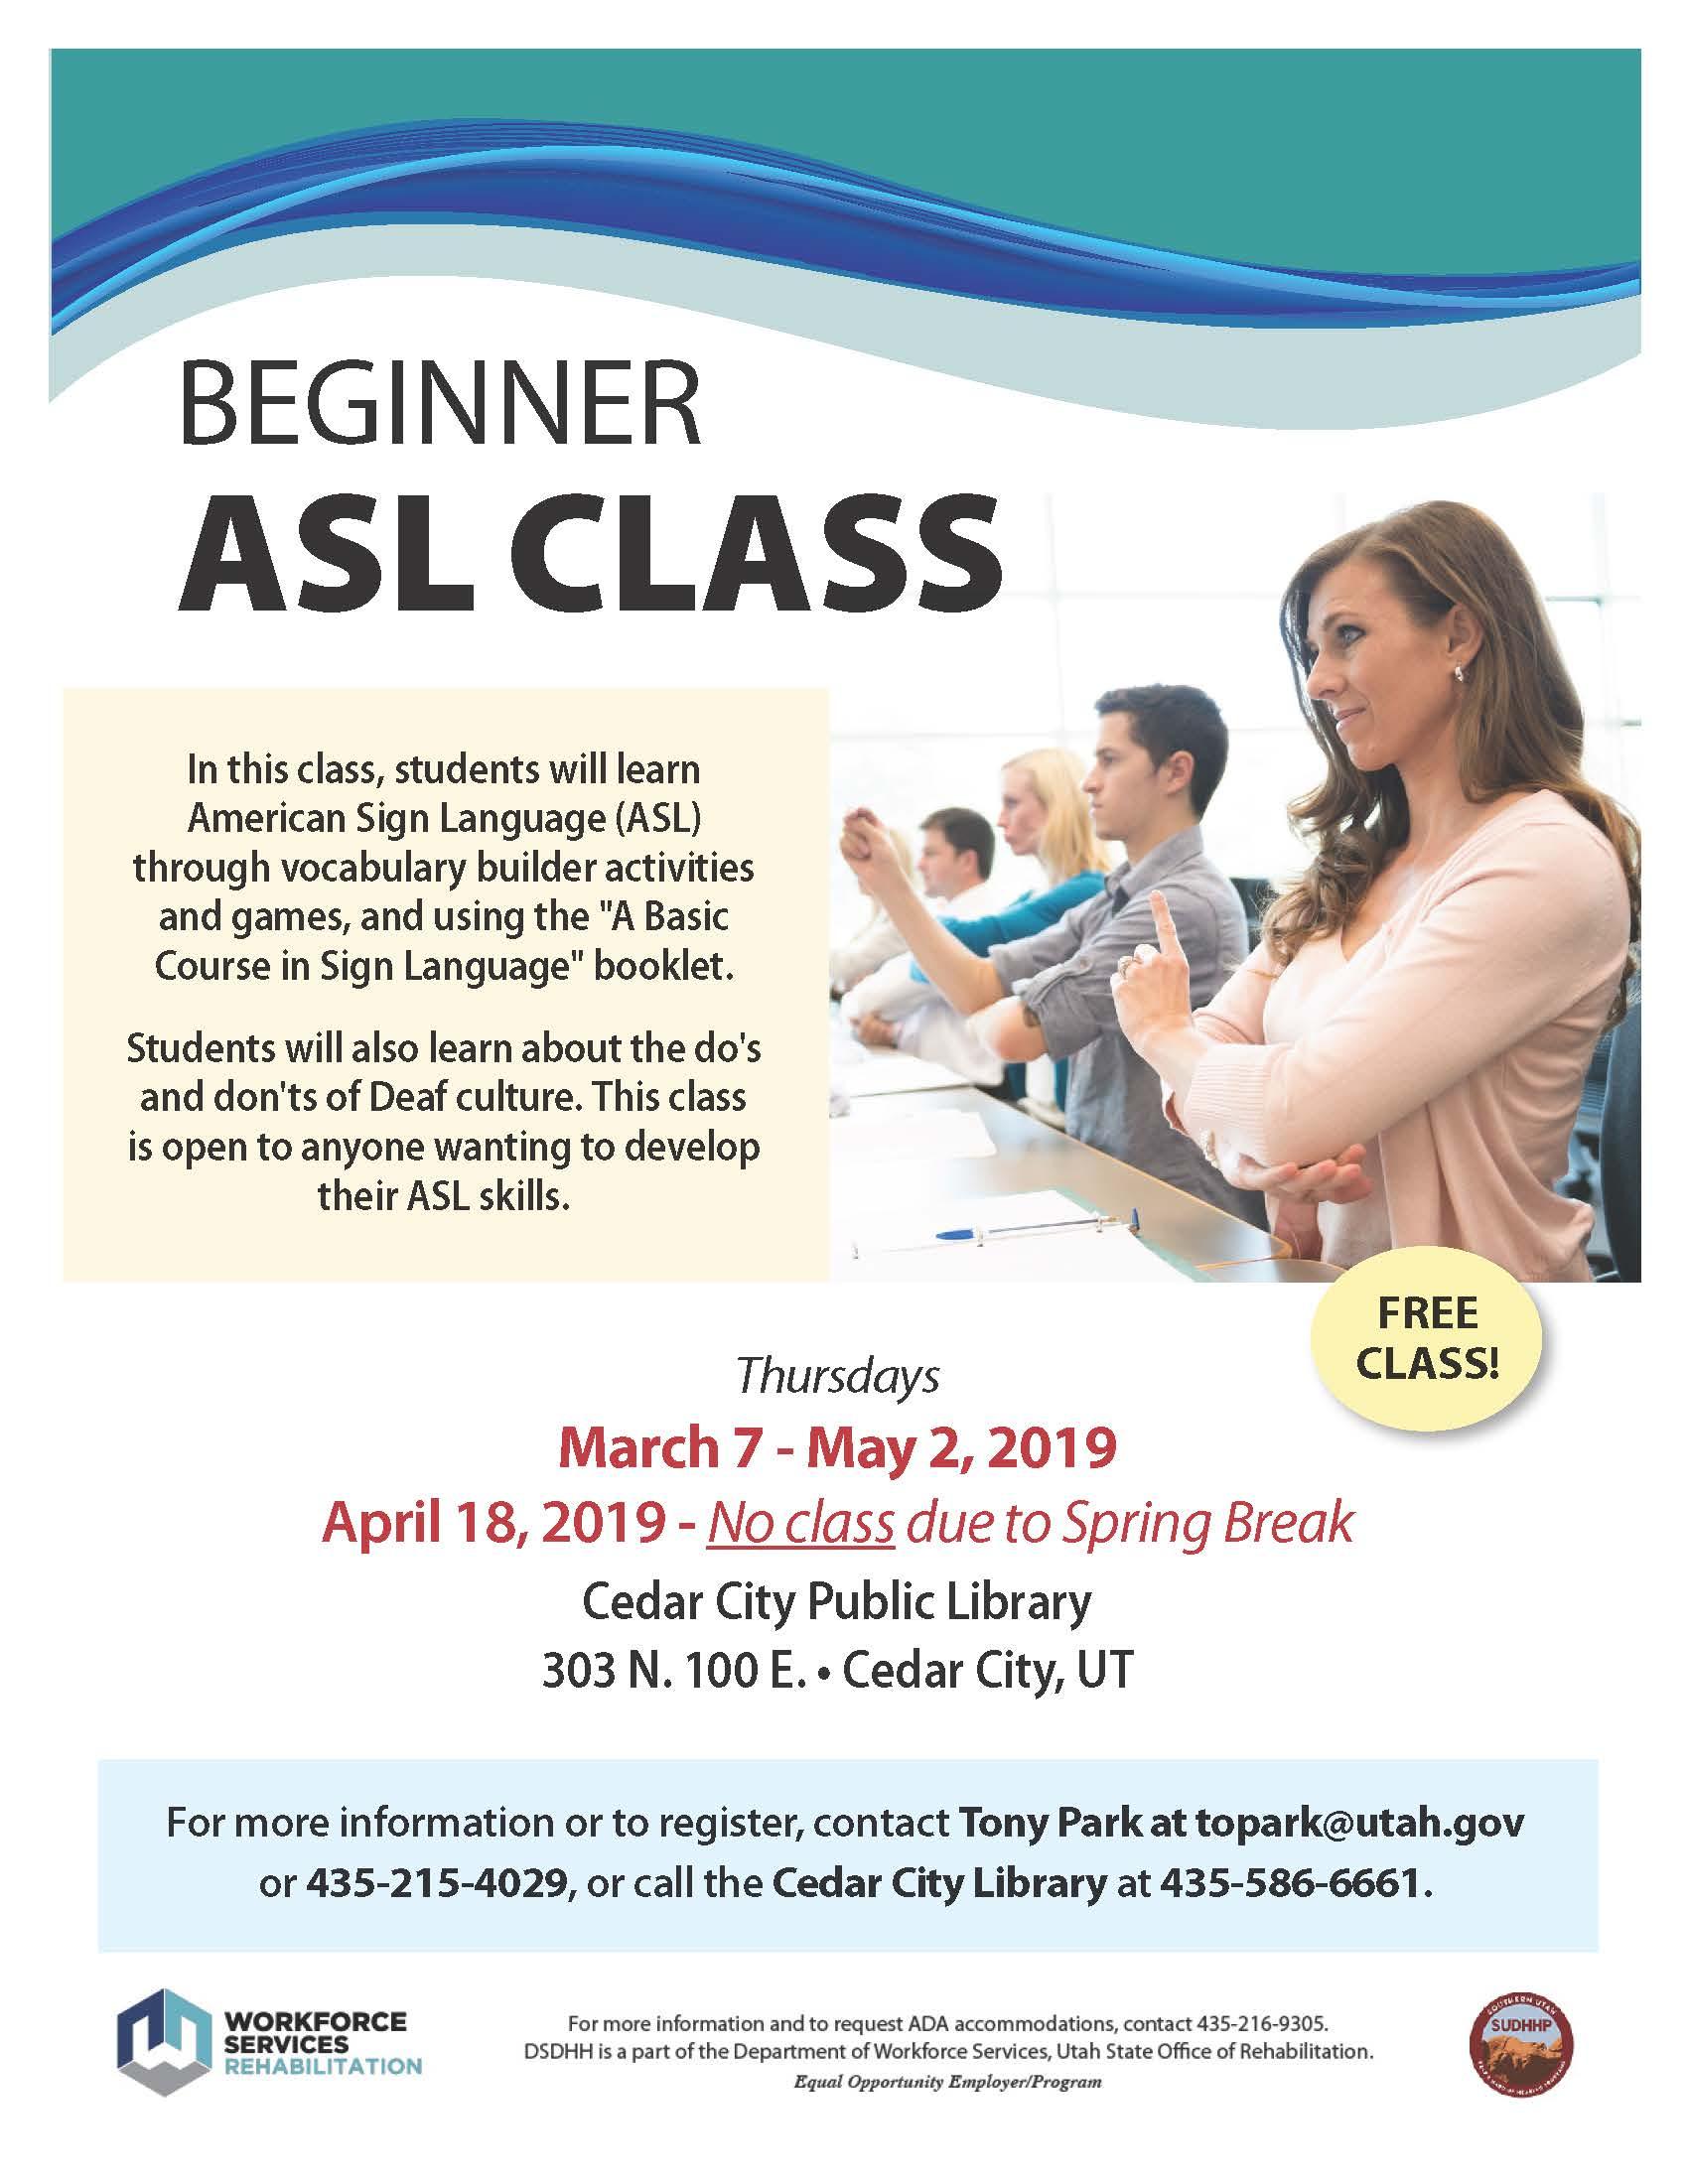 CEDAR CITY: Beginner ASL Class